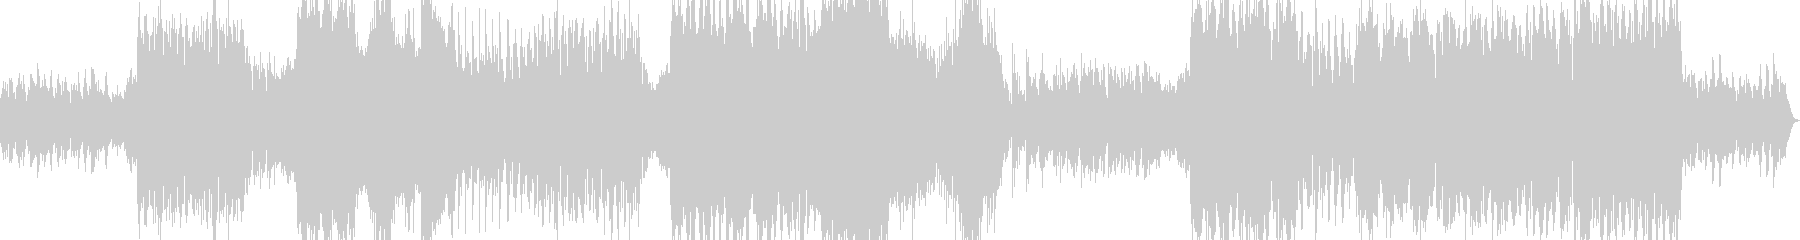 ホラーゴシック系のワルツの未再生の波形